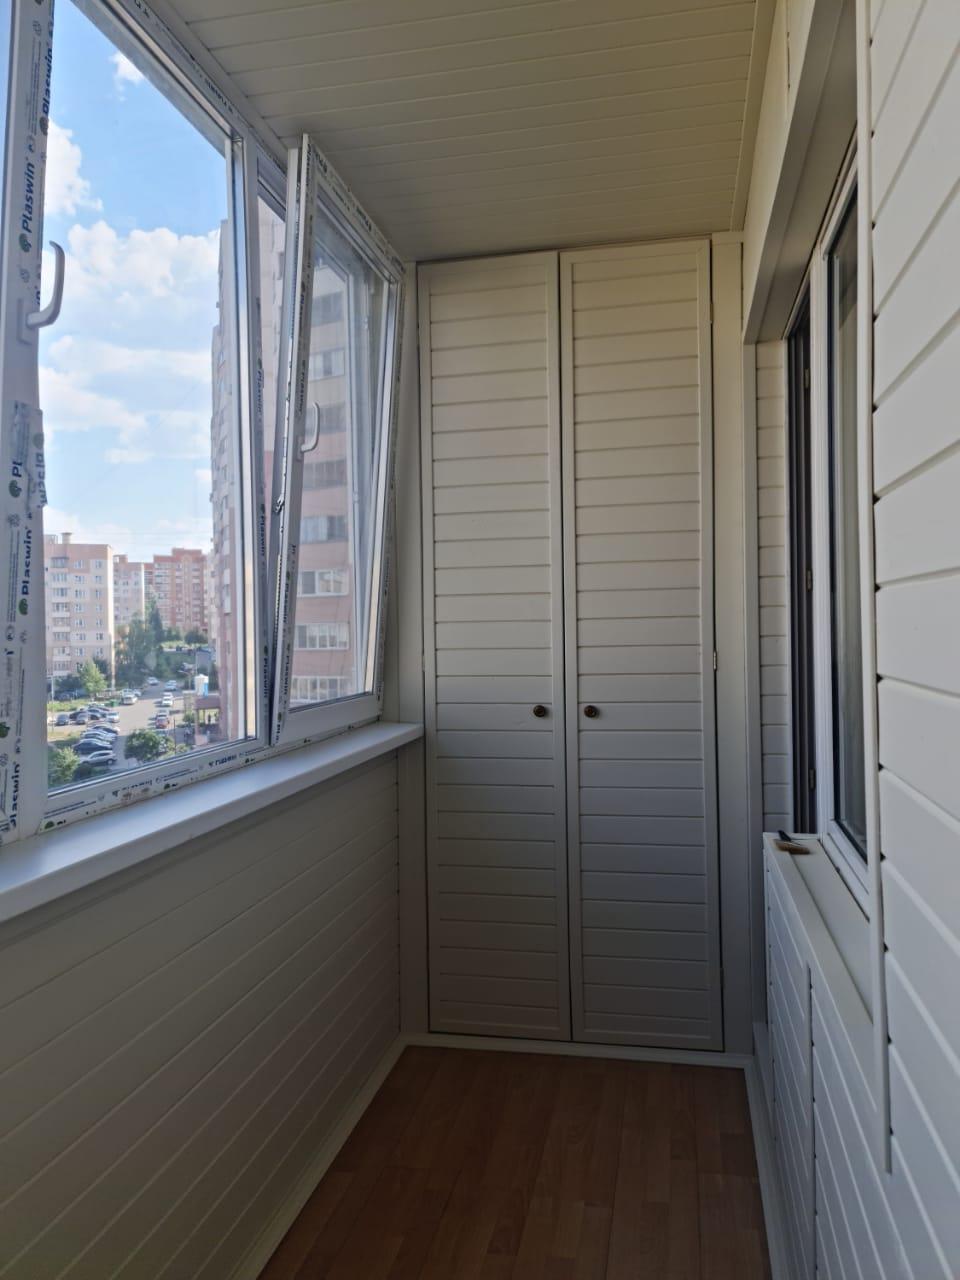 Обшивка балкона и установка шкафа Проспект Победы 190 - фото